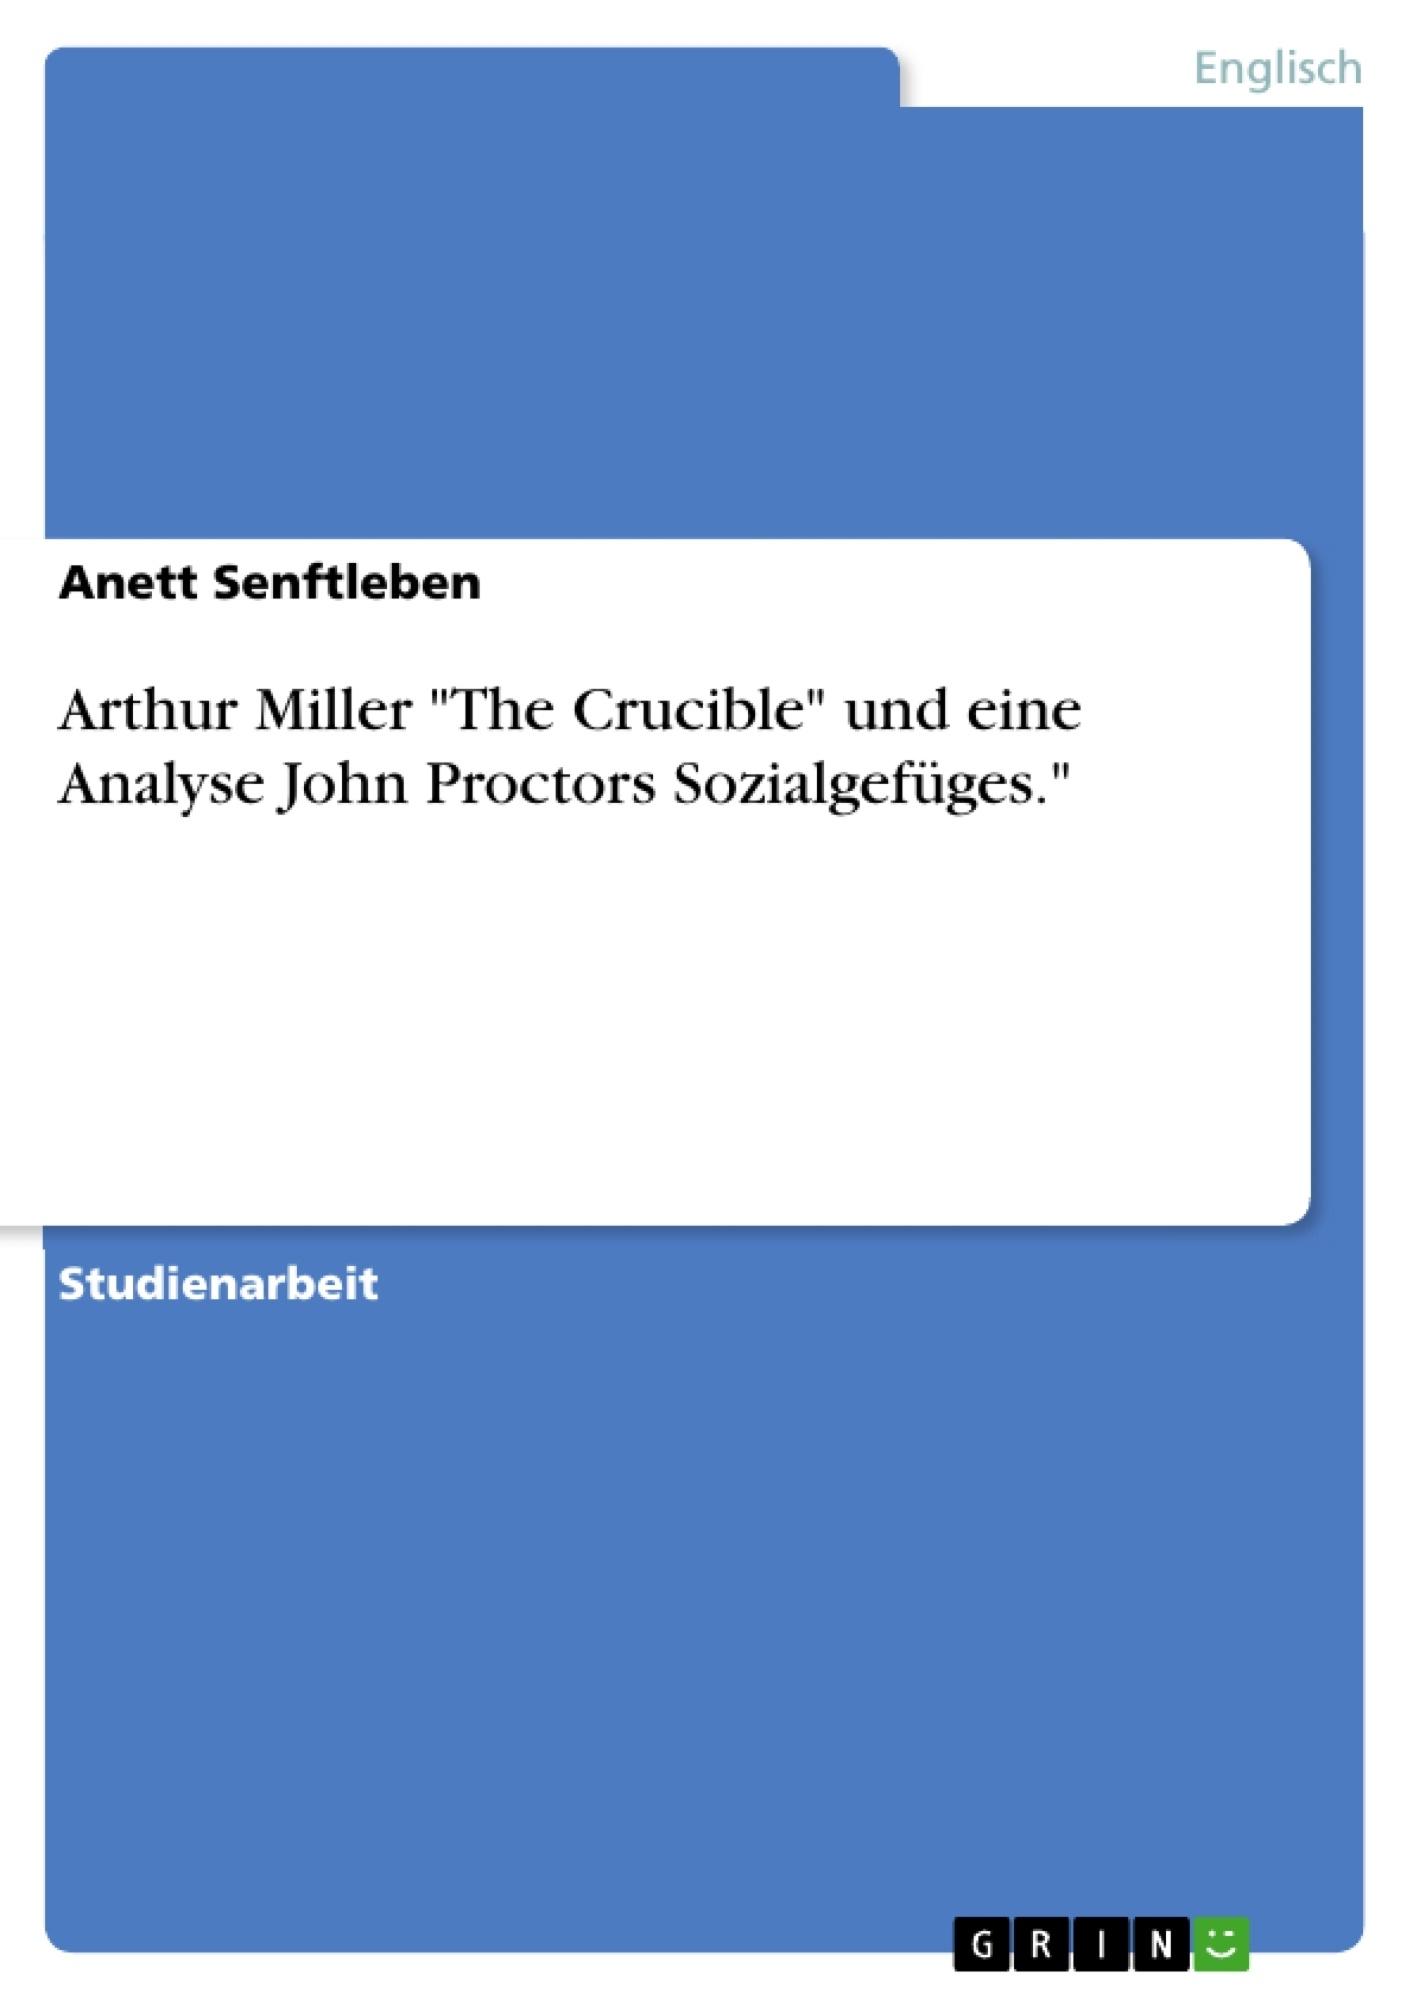 """Titel: Arthur Miller """"The Crucible"""" und eine Analyse John Proctors Sozialgefüges."""""""